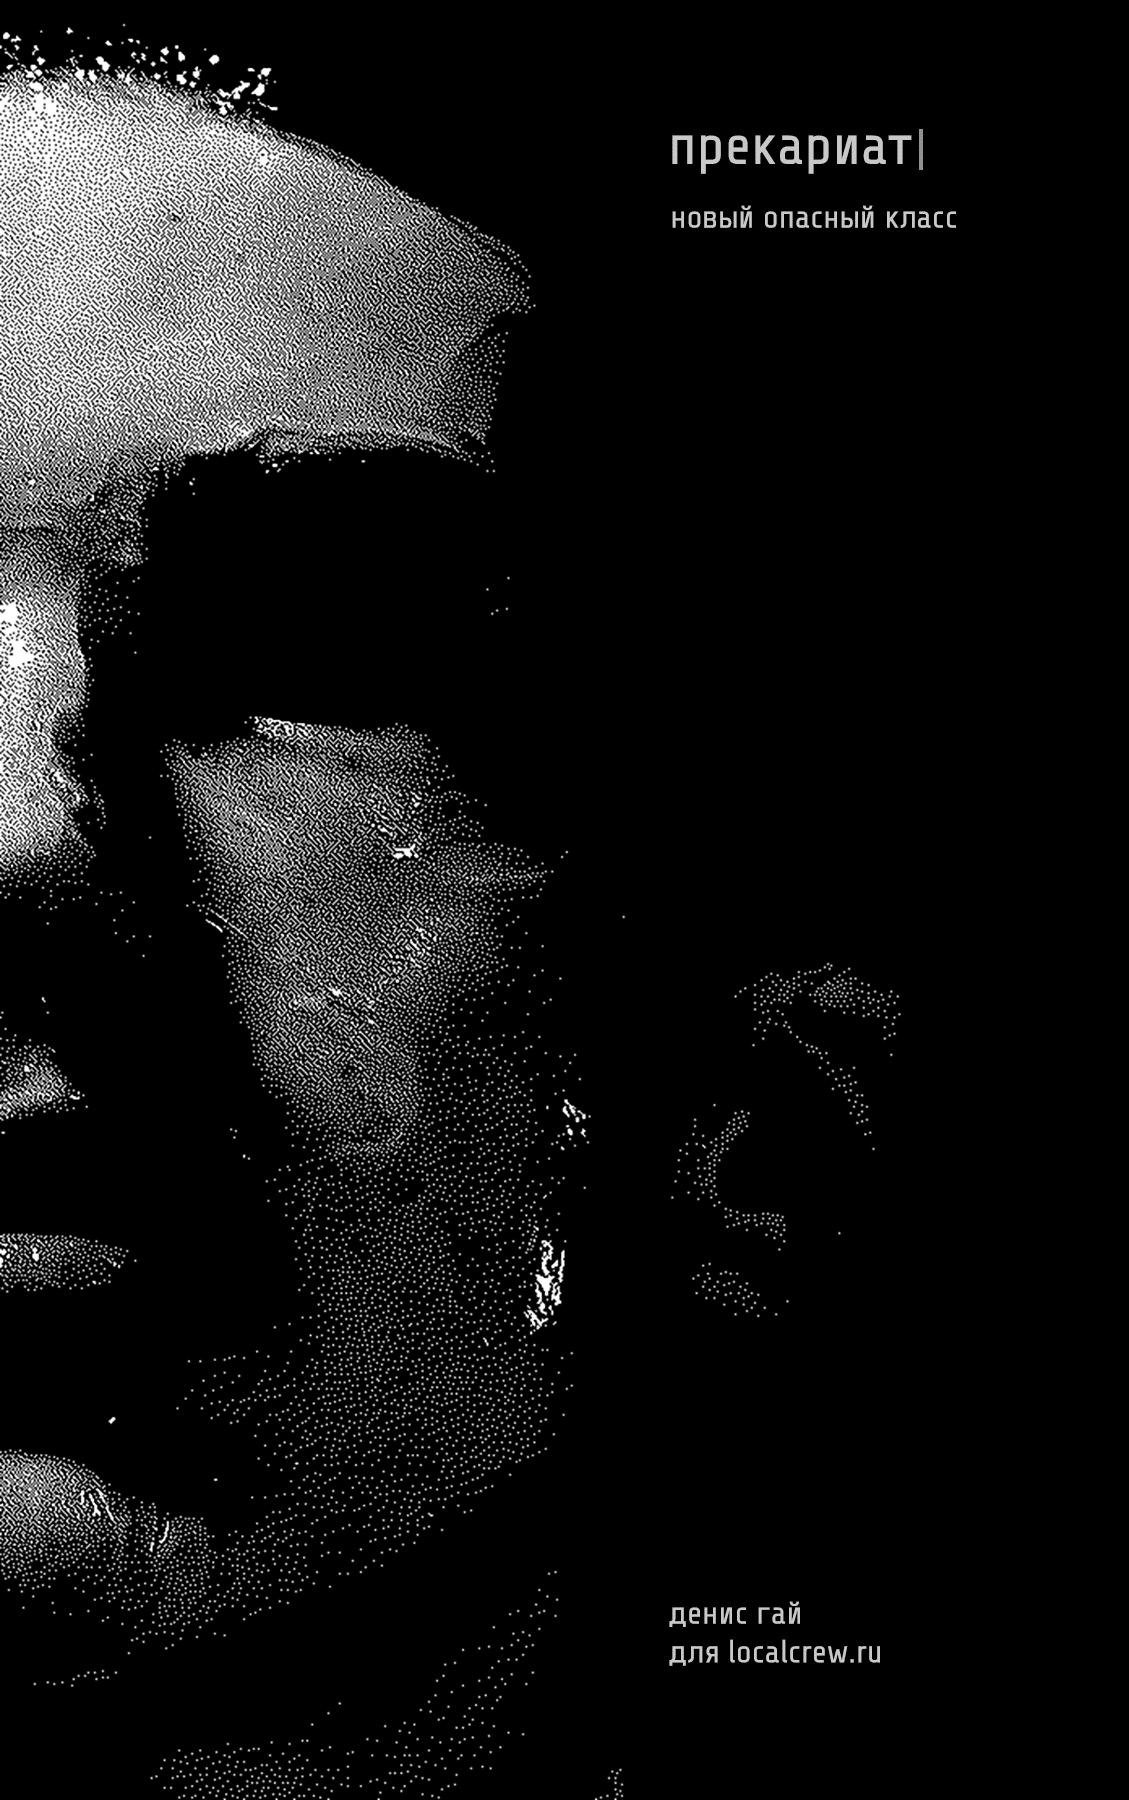 Прекариат — новый опасный класс